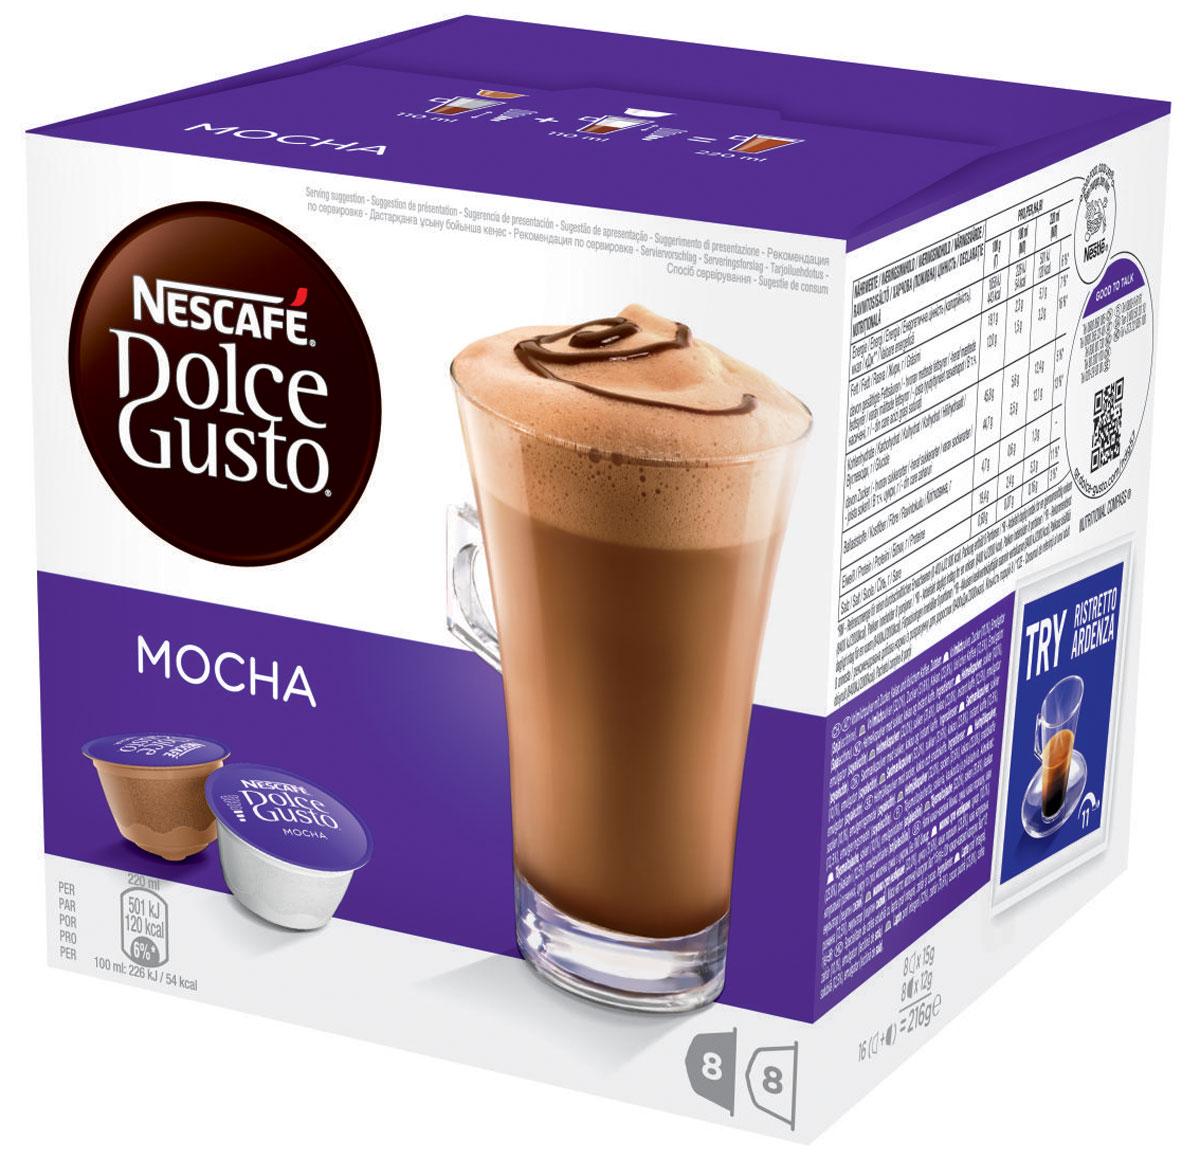 Nescafe Dolce Gusto мокка кофе в капсулах, 16 шт modelle ботинки modelle 0186 551 0205 кофе с молоком черный